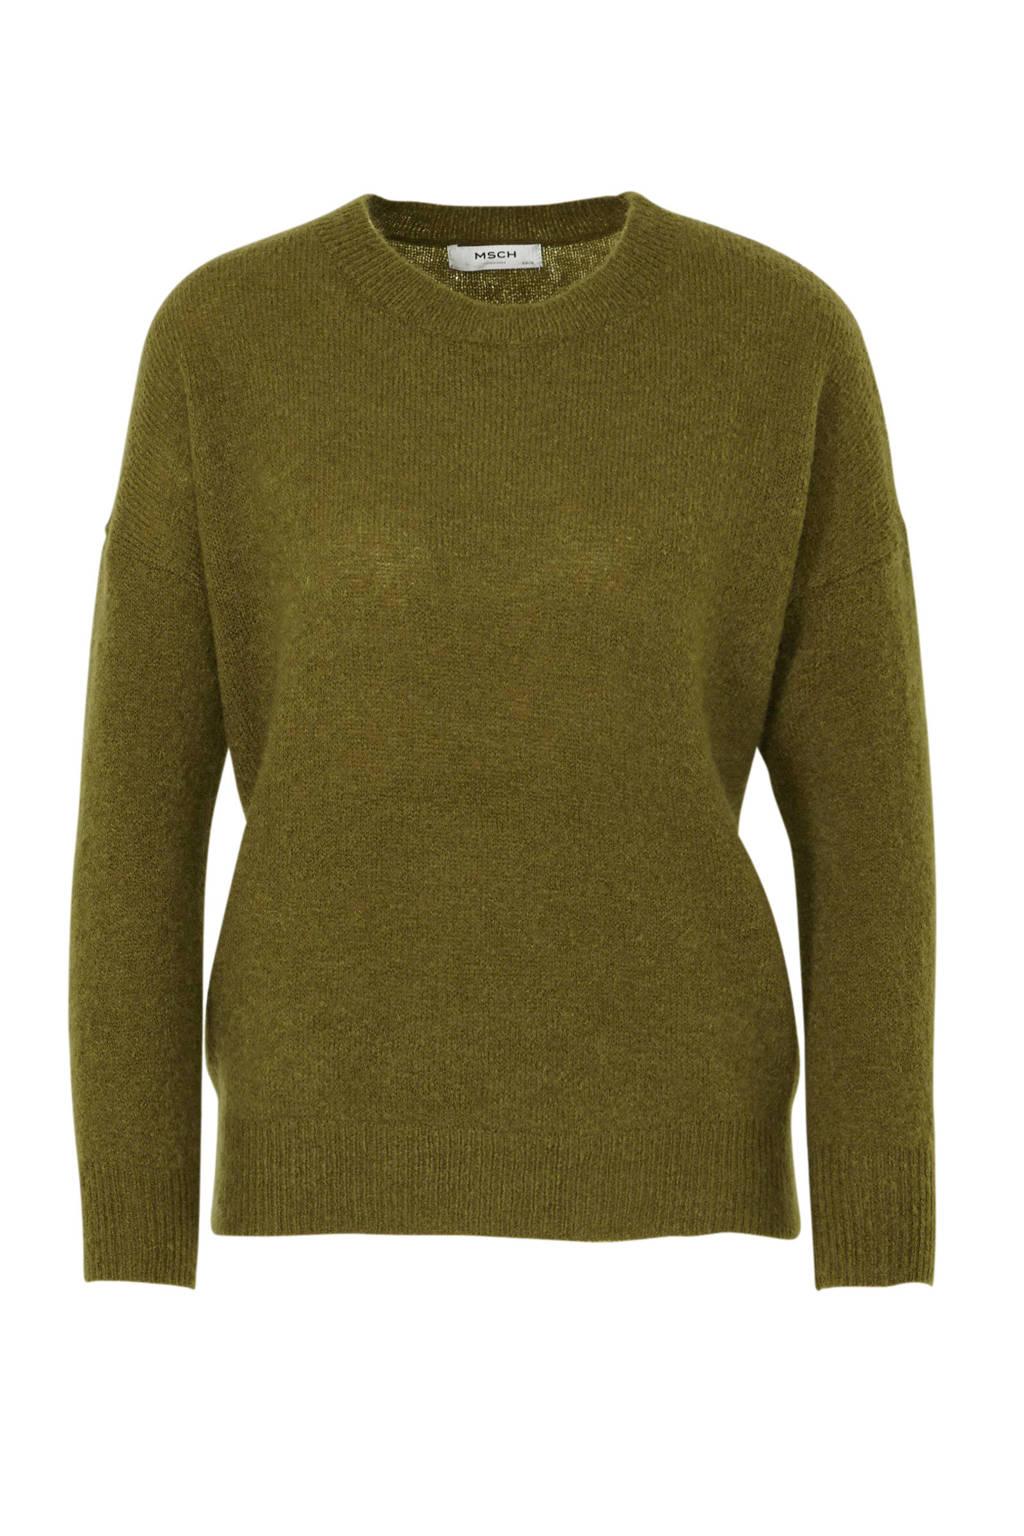 MSCH Copenhagen trui met wol olijfgroen, Olijfgroen